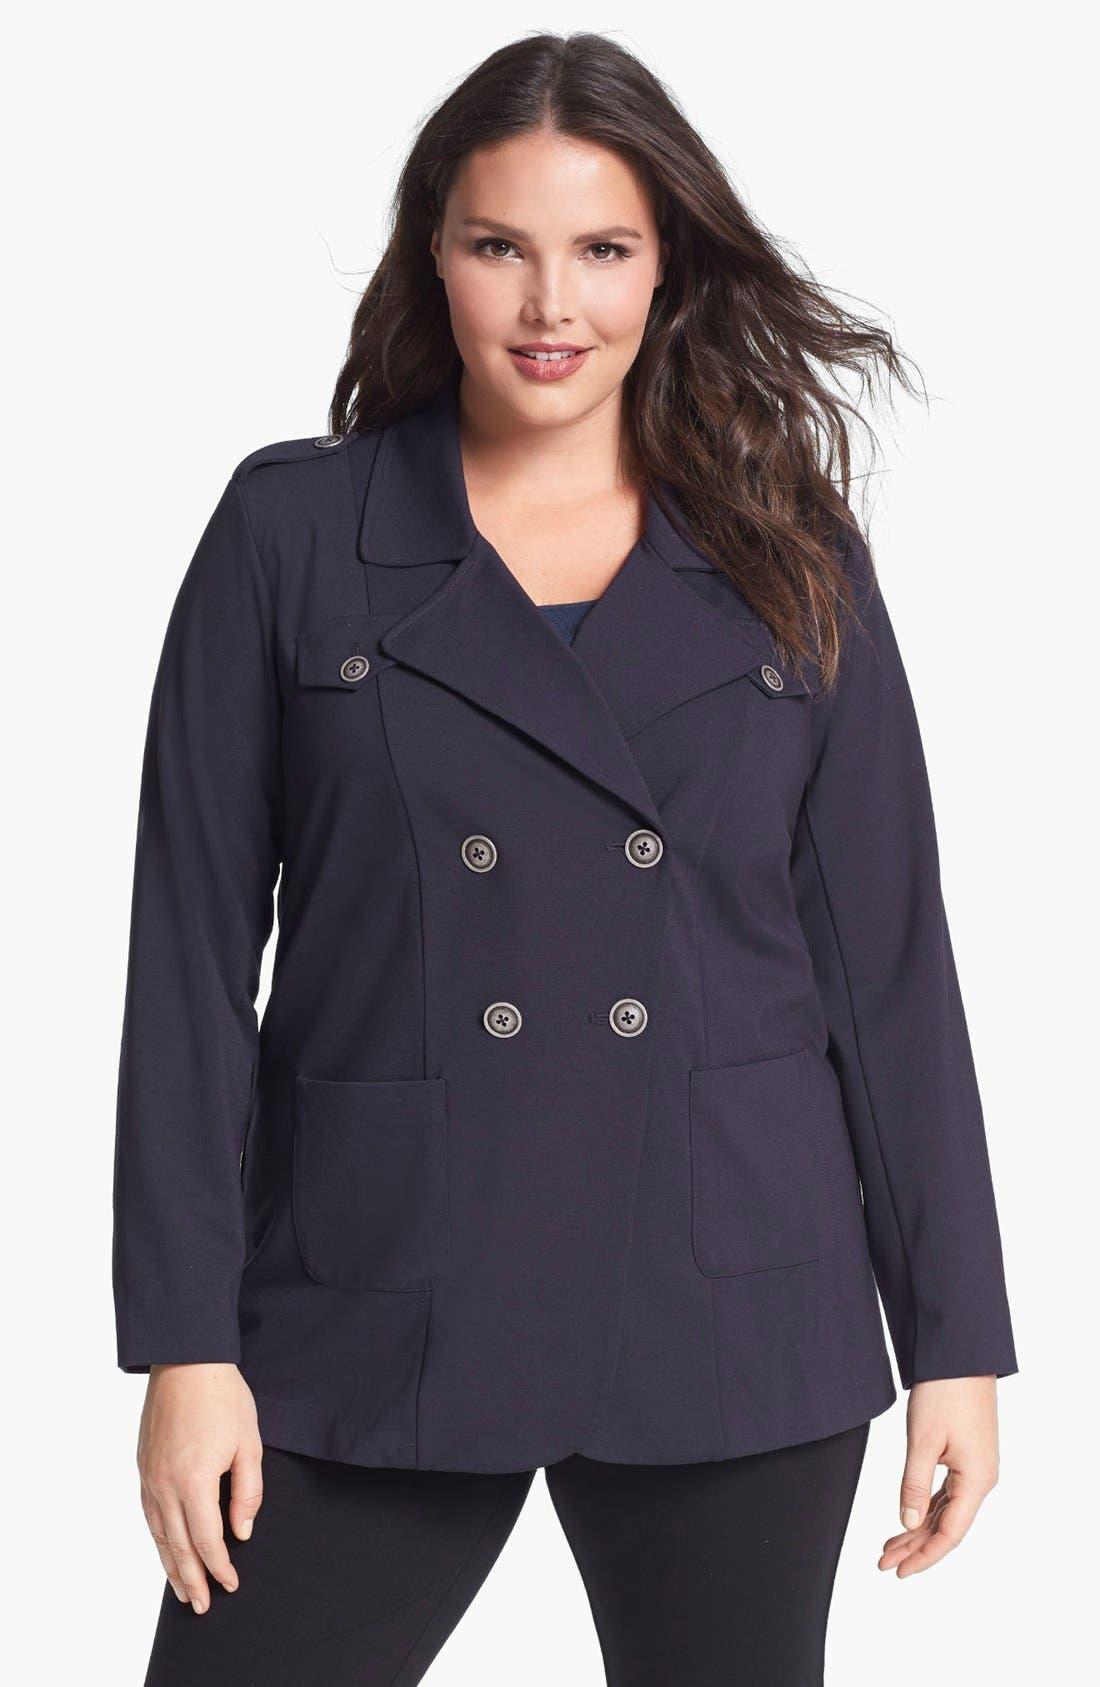 Alternate Image 1 Selected - NIC+ZOE Riding Jacket (Plus Size)